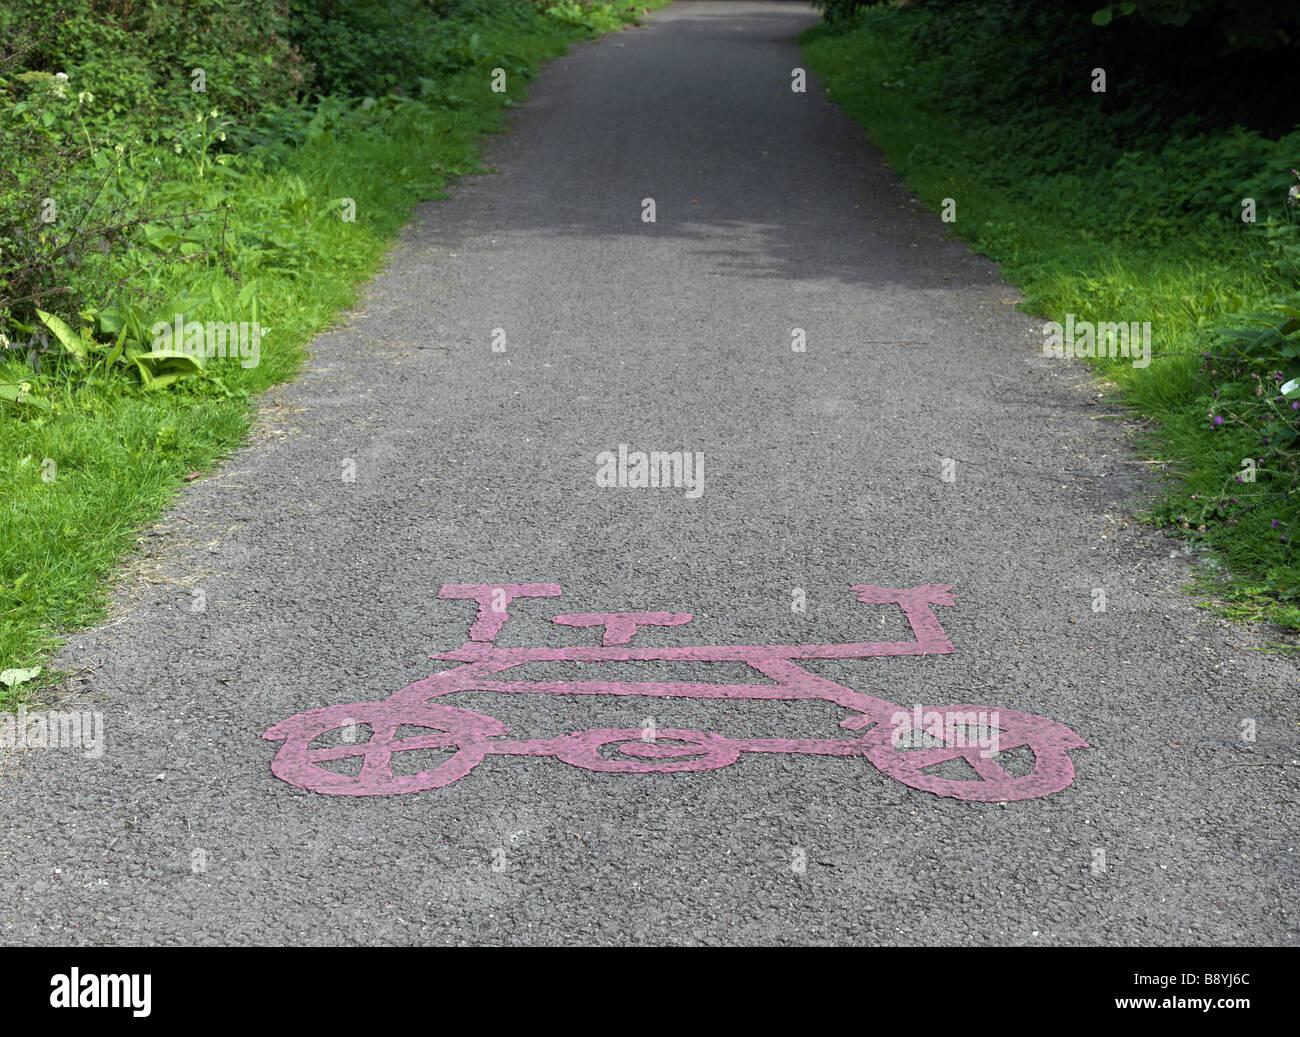 bicycle lane sign - Stock Image